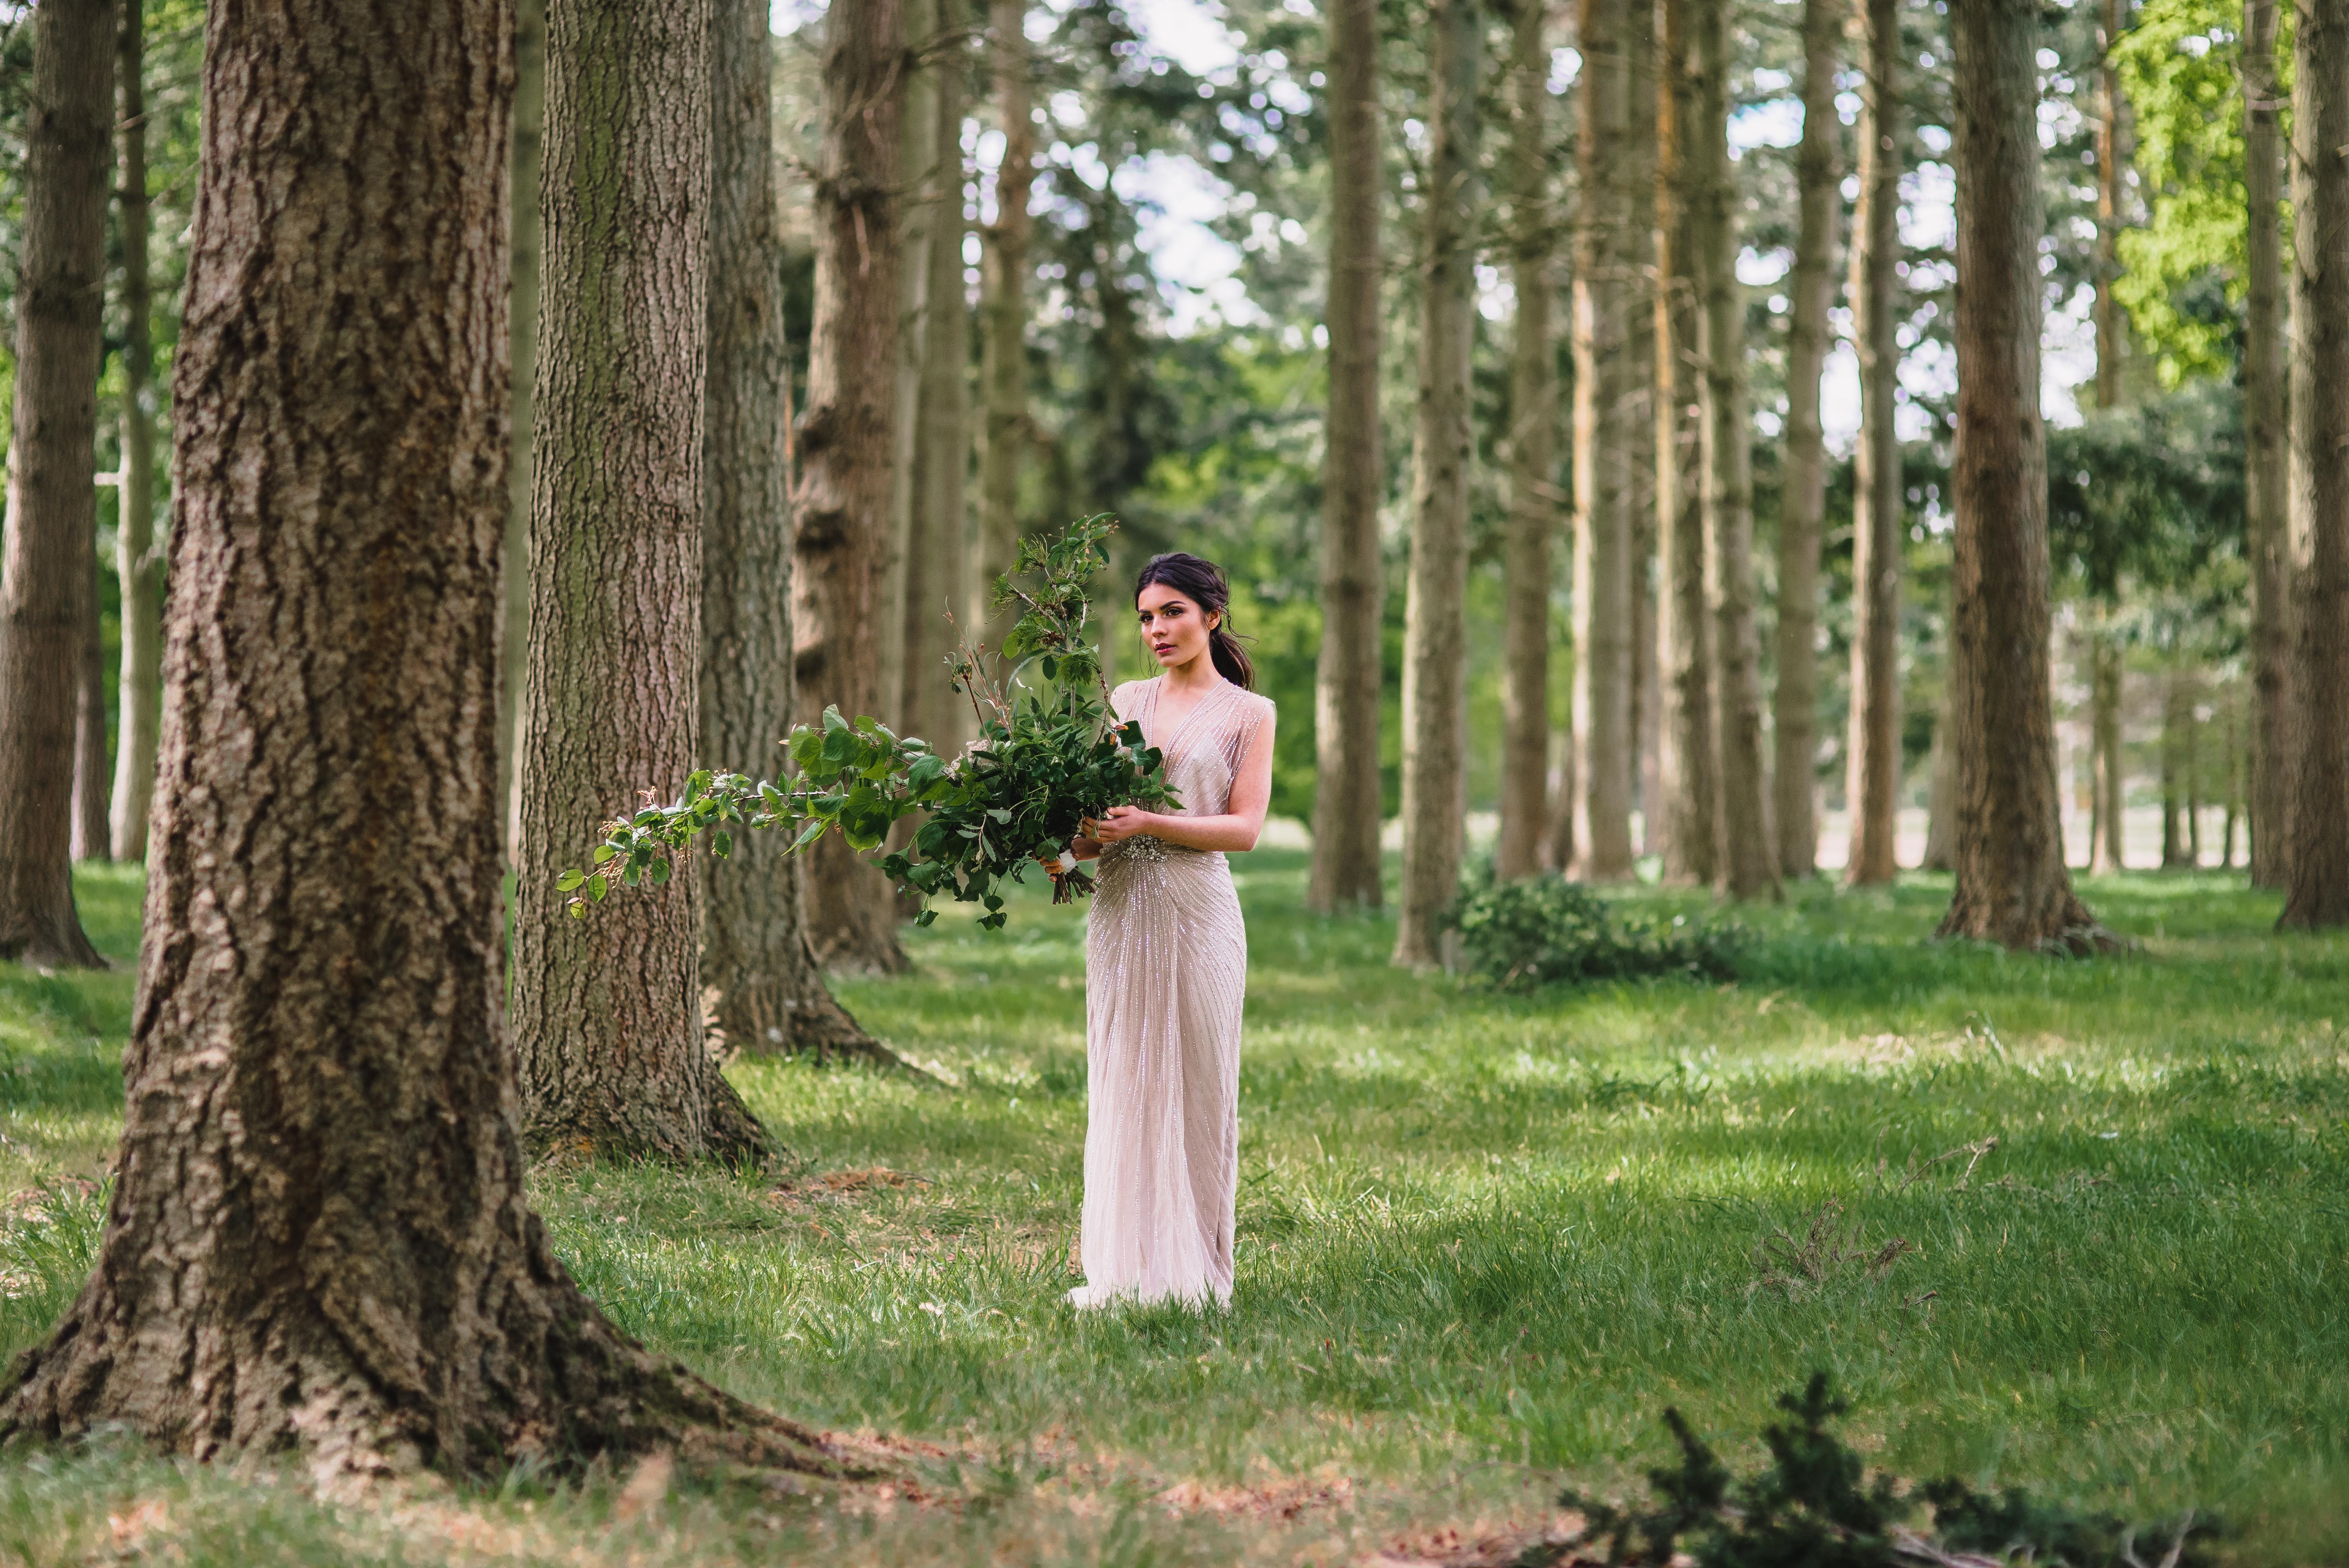 Somerley-House-Wedding-Photography-Hampshire-59